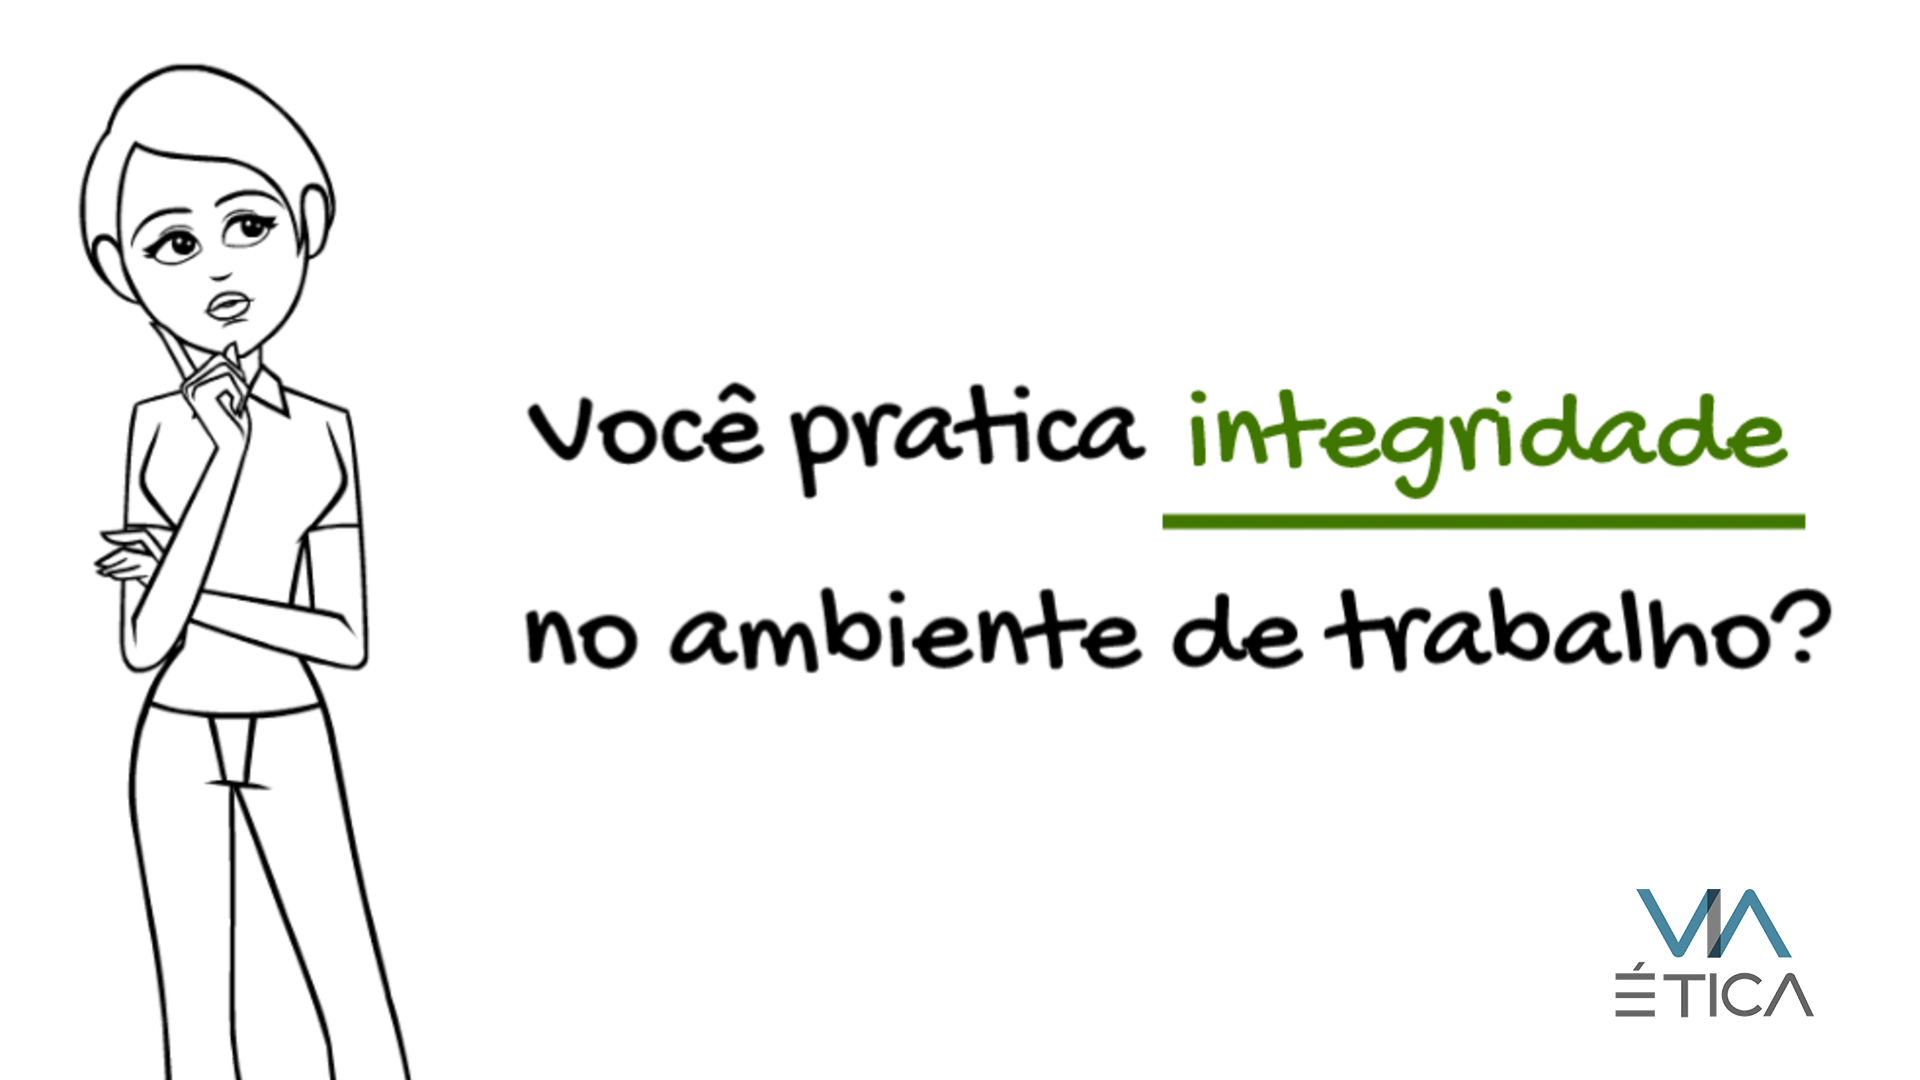 Vídeo - Integridade